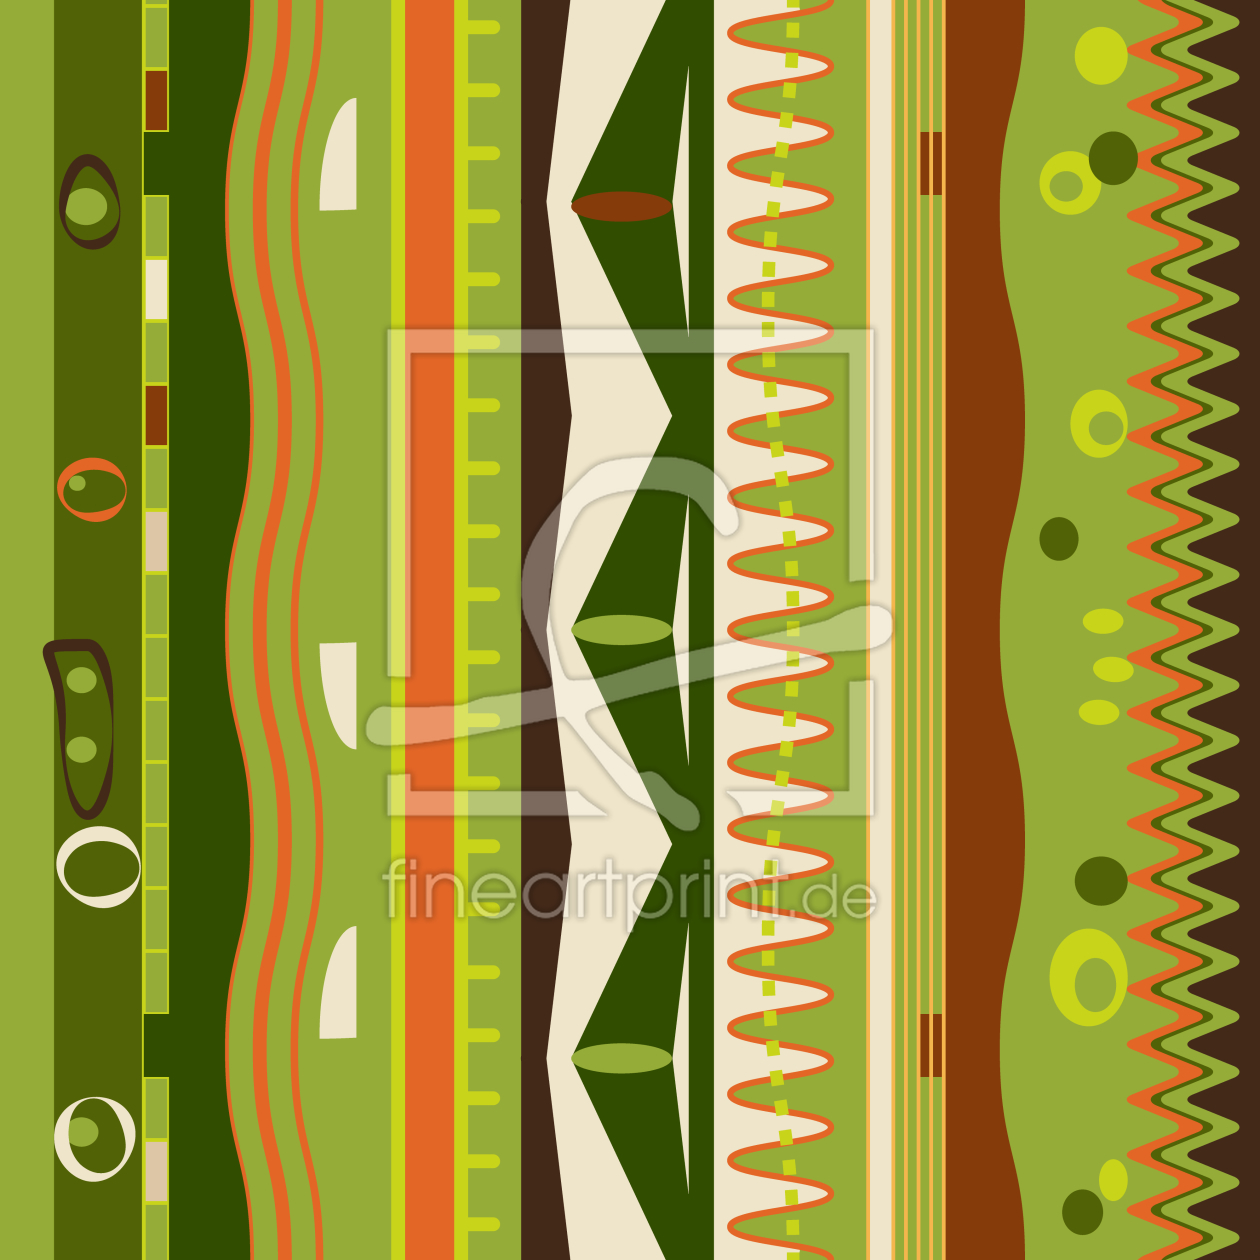 streifen an die wand als leinwand von patterndesigns. Black Bedroom Furniture Sets. Home Design Ideas